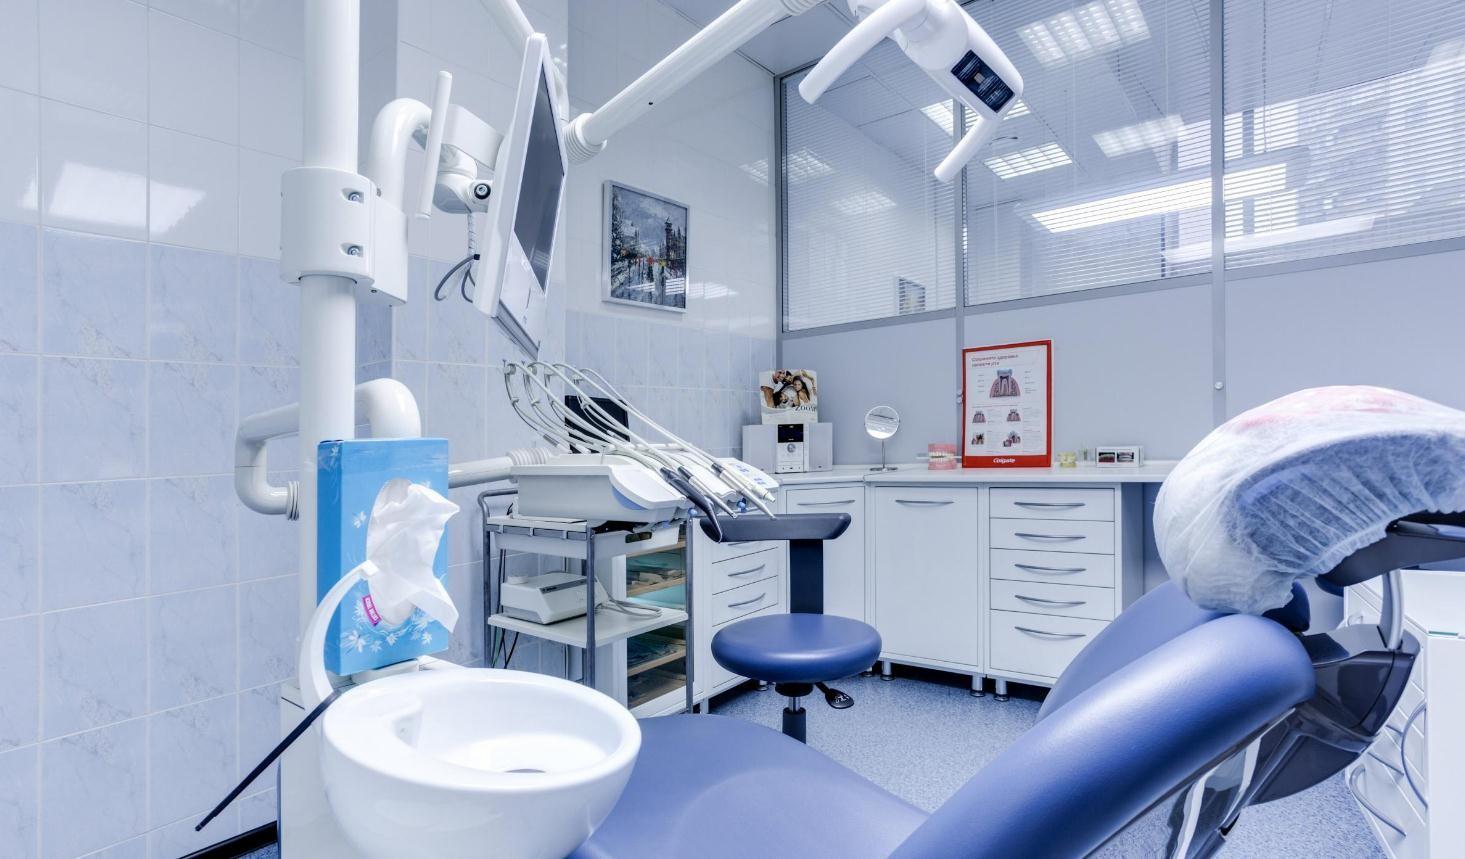 поиск картинки стоматологических материалов чистое спокойное